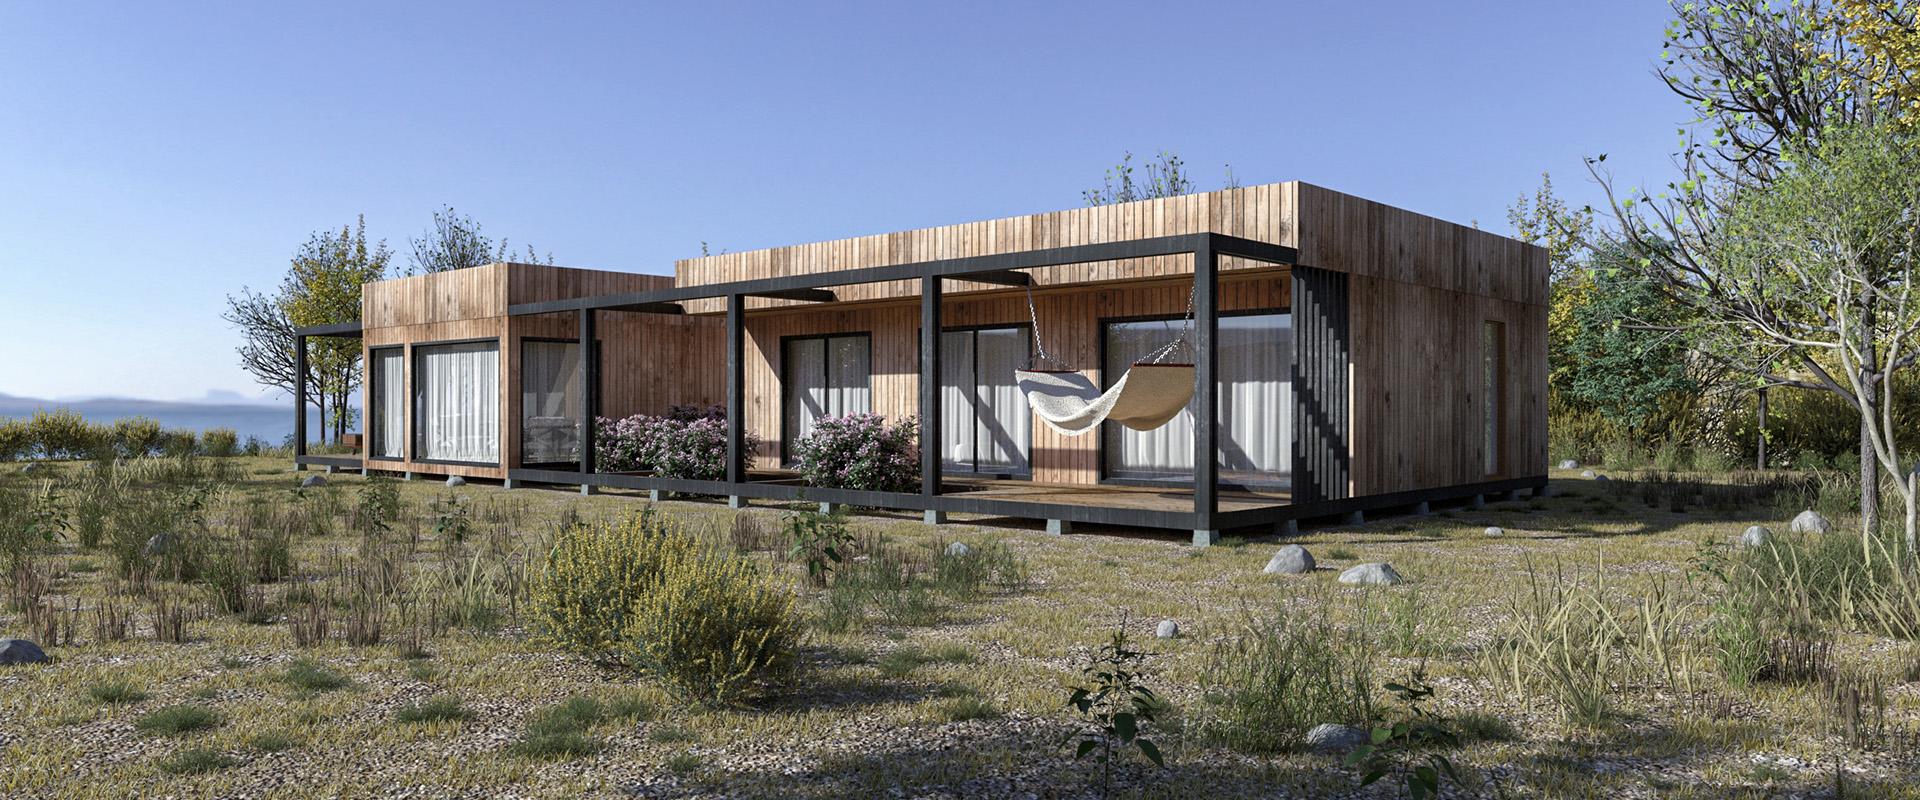 Casas Prefabricadas Tongoy 2